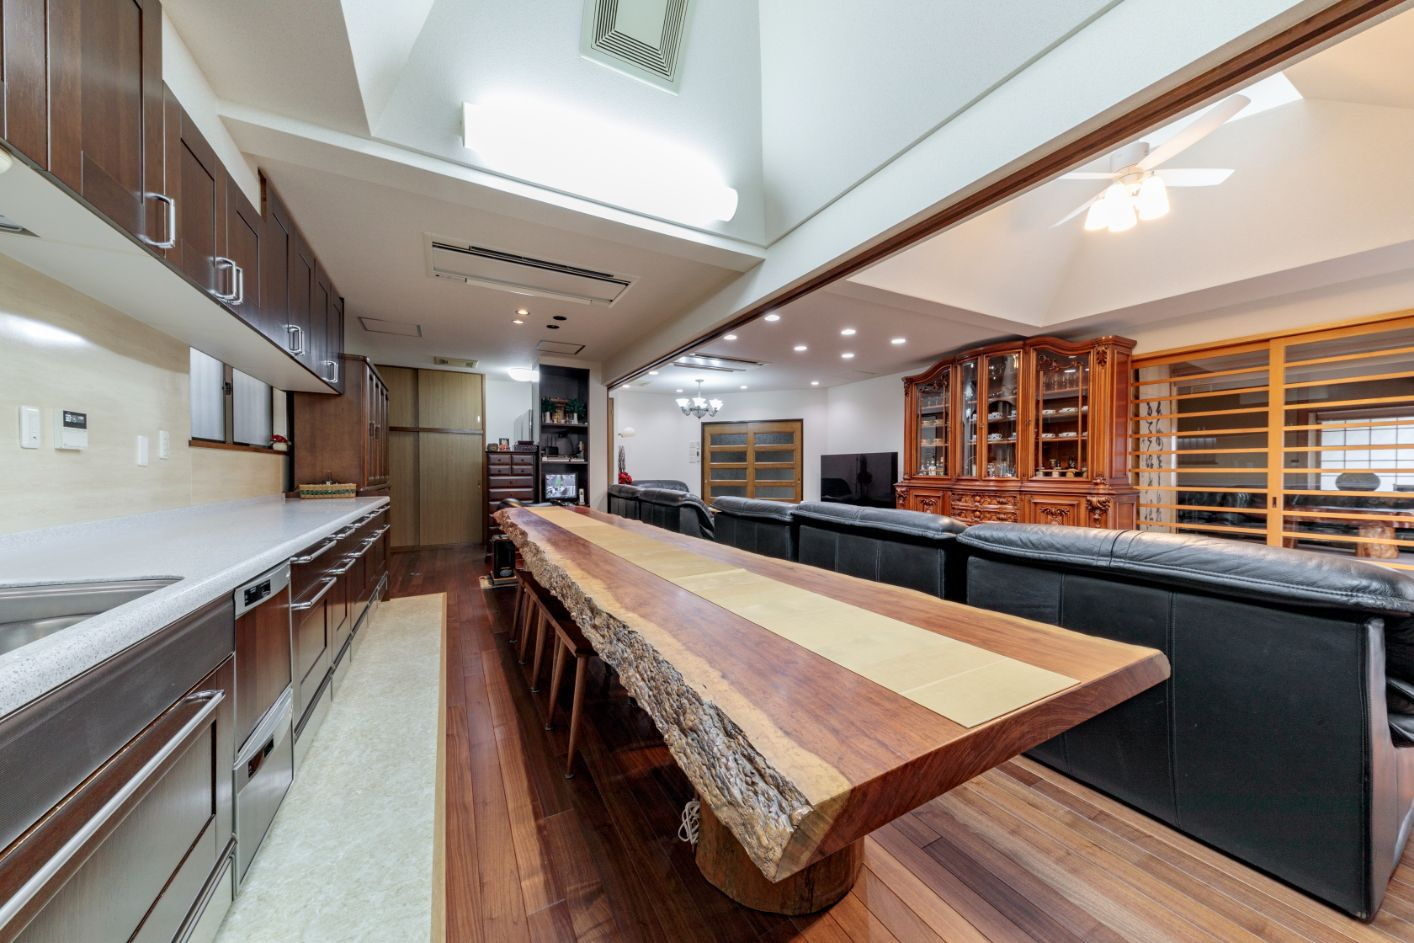 ダイニングテーブルは、ブビンガ無垢材の一枚板テーブル。キッチンの床は水や汚れ、傷に強い塩ビタイルに。